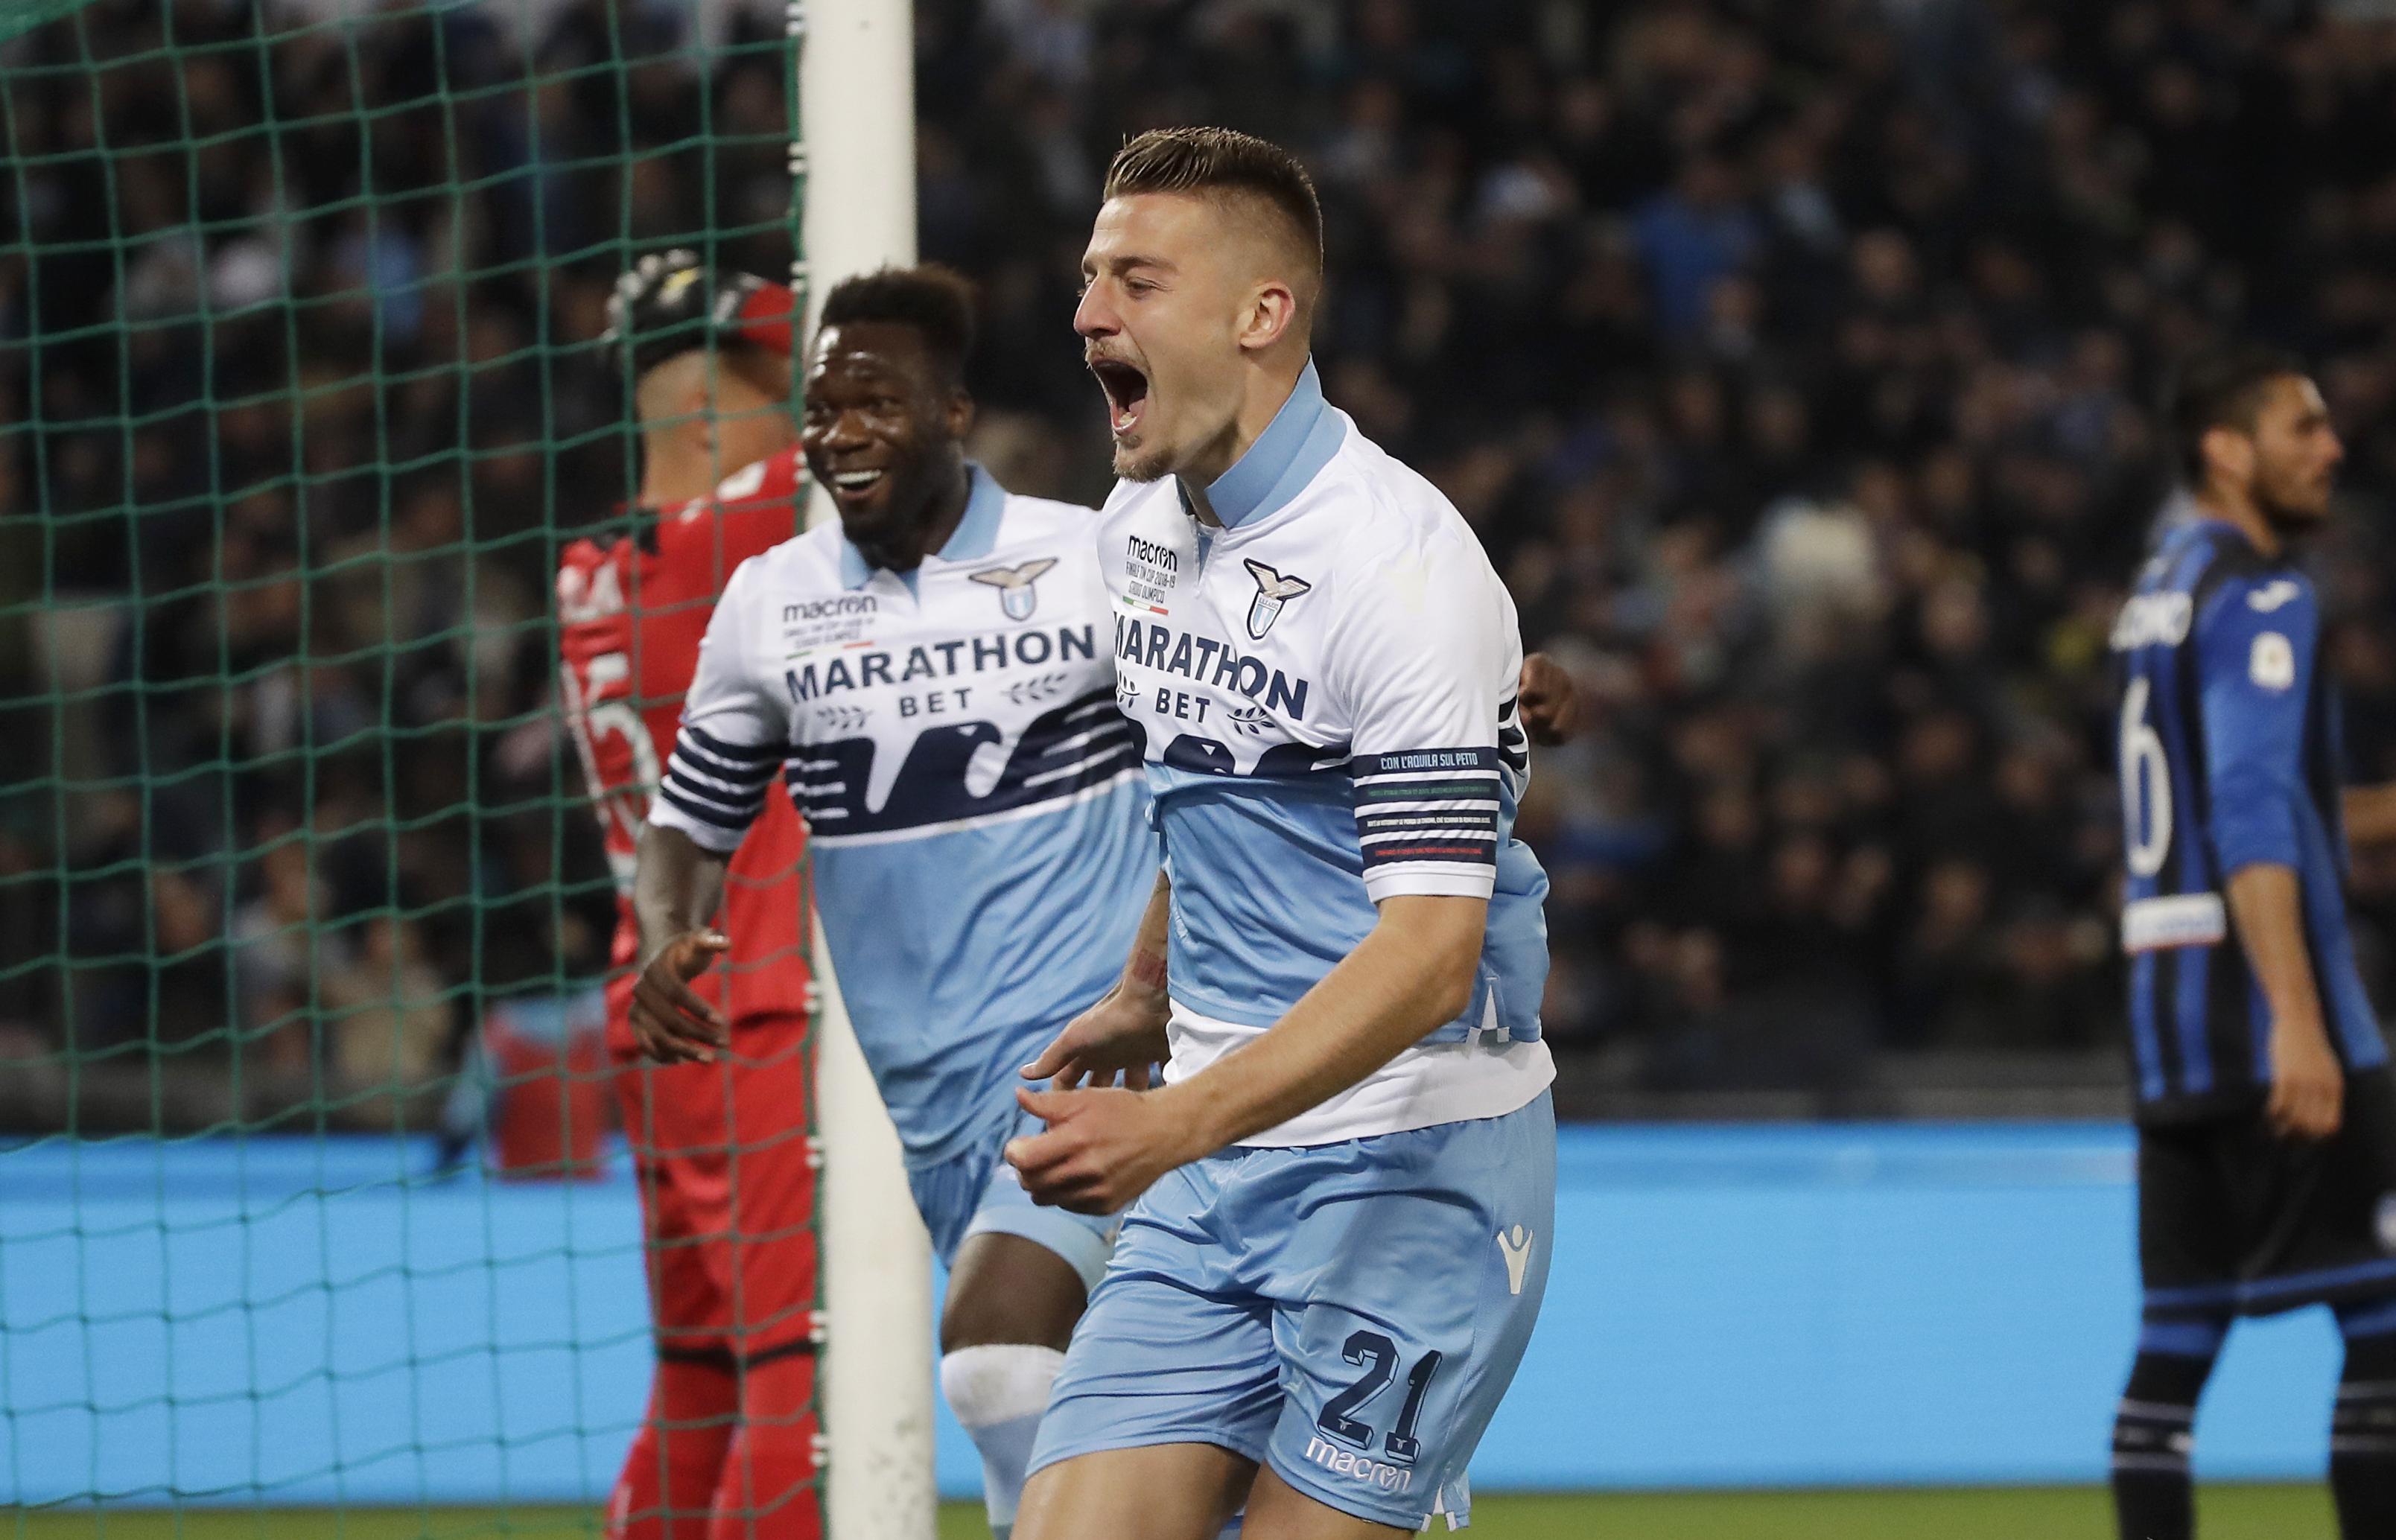 En fotos: Lazio se coronó campeón de la Copa de Italia al vencer en la Final al Atalanta